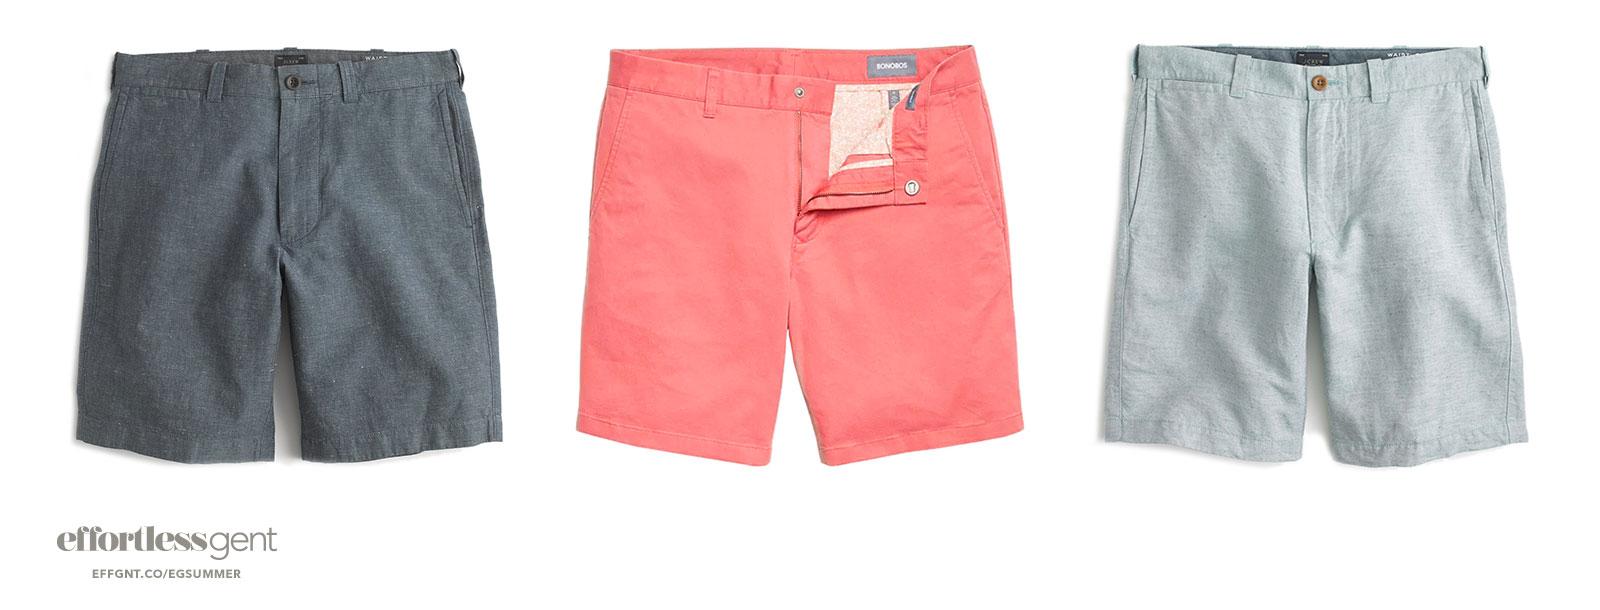 shorts - summer clothes for men - effortless gent